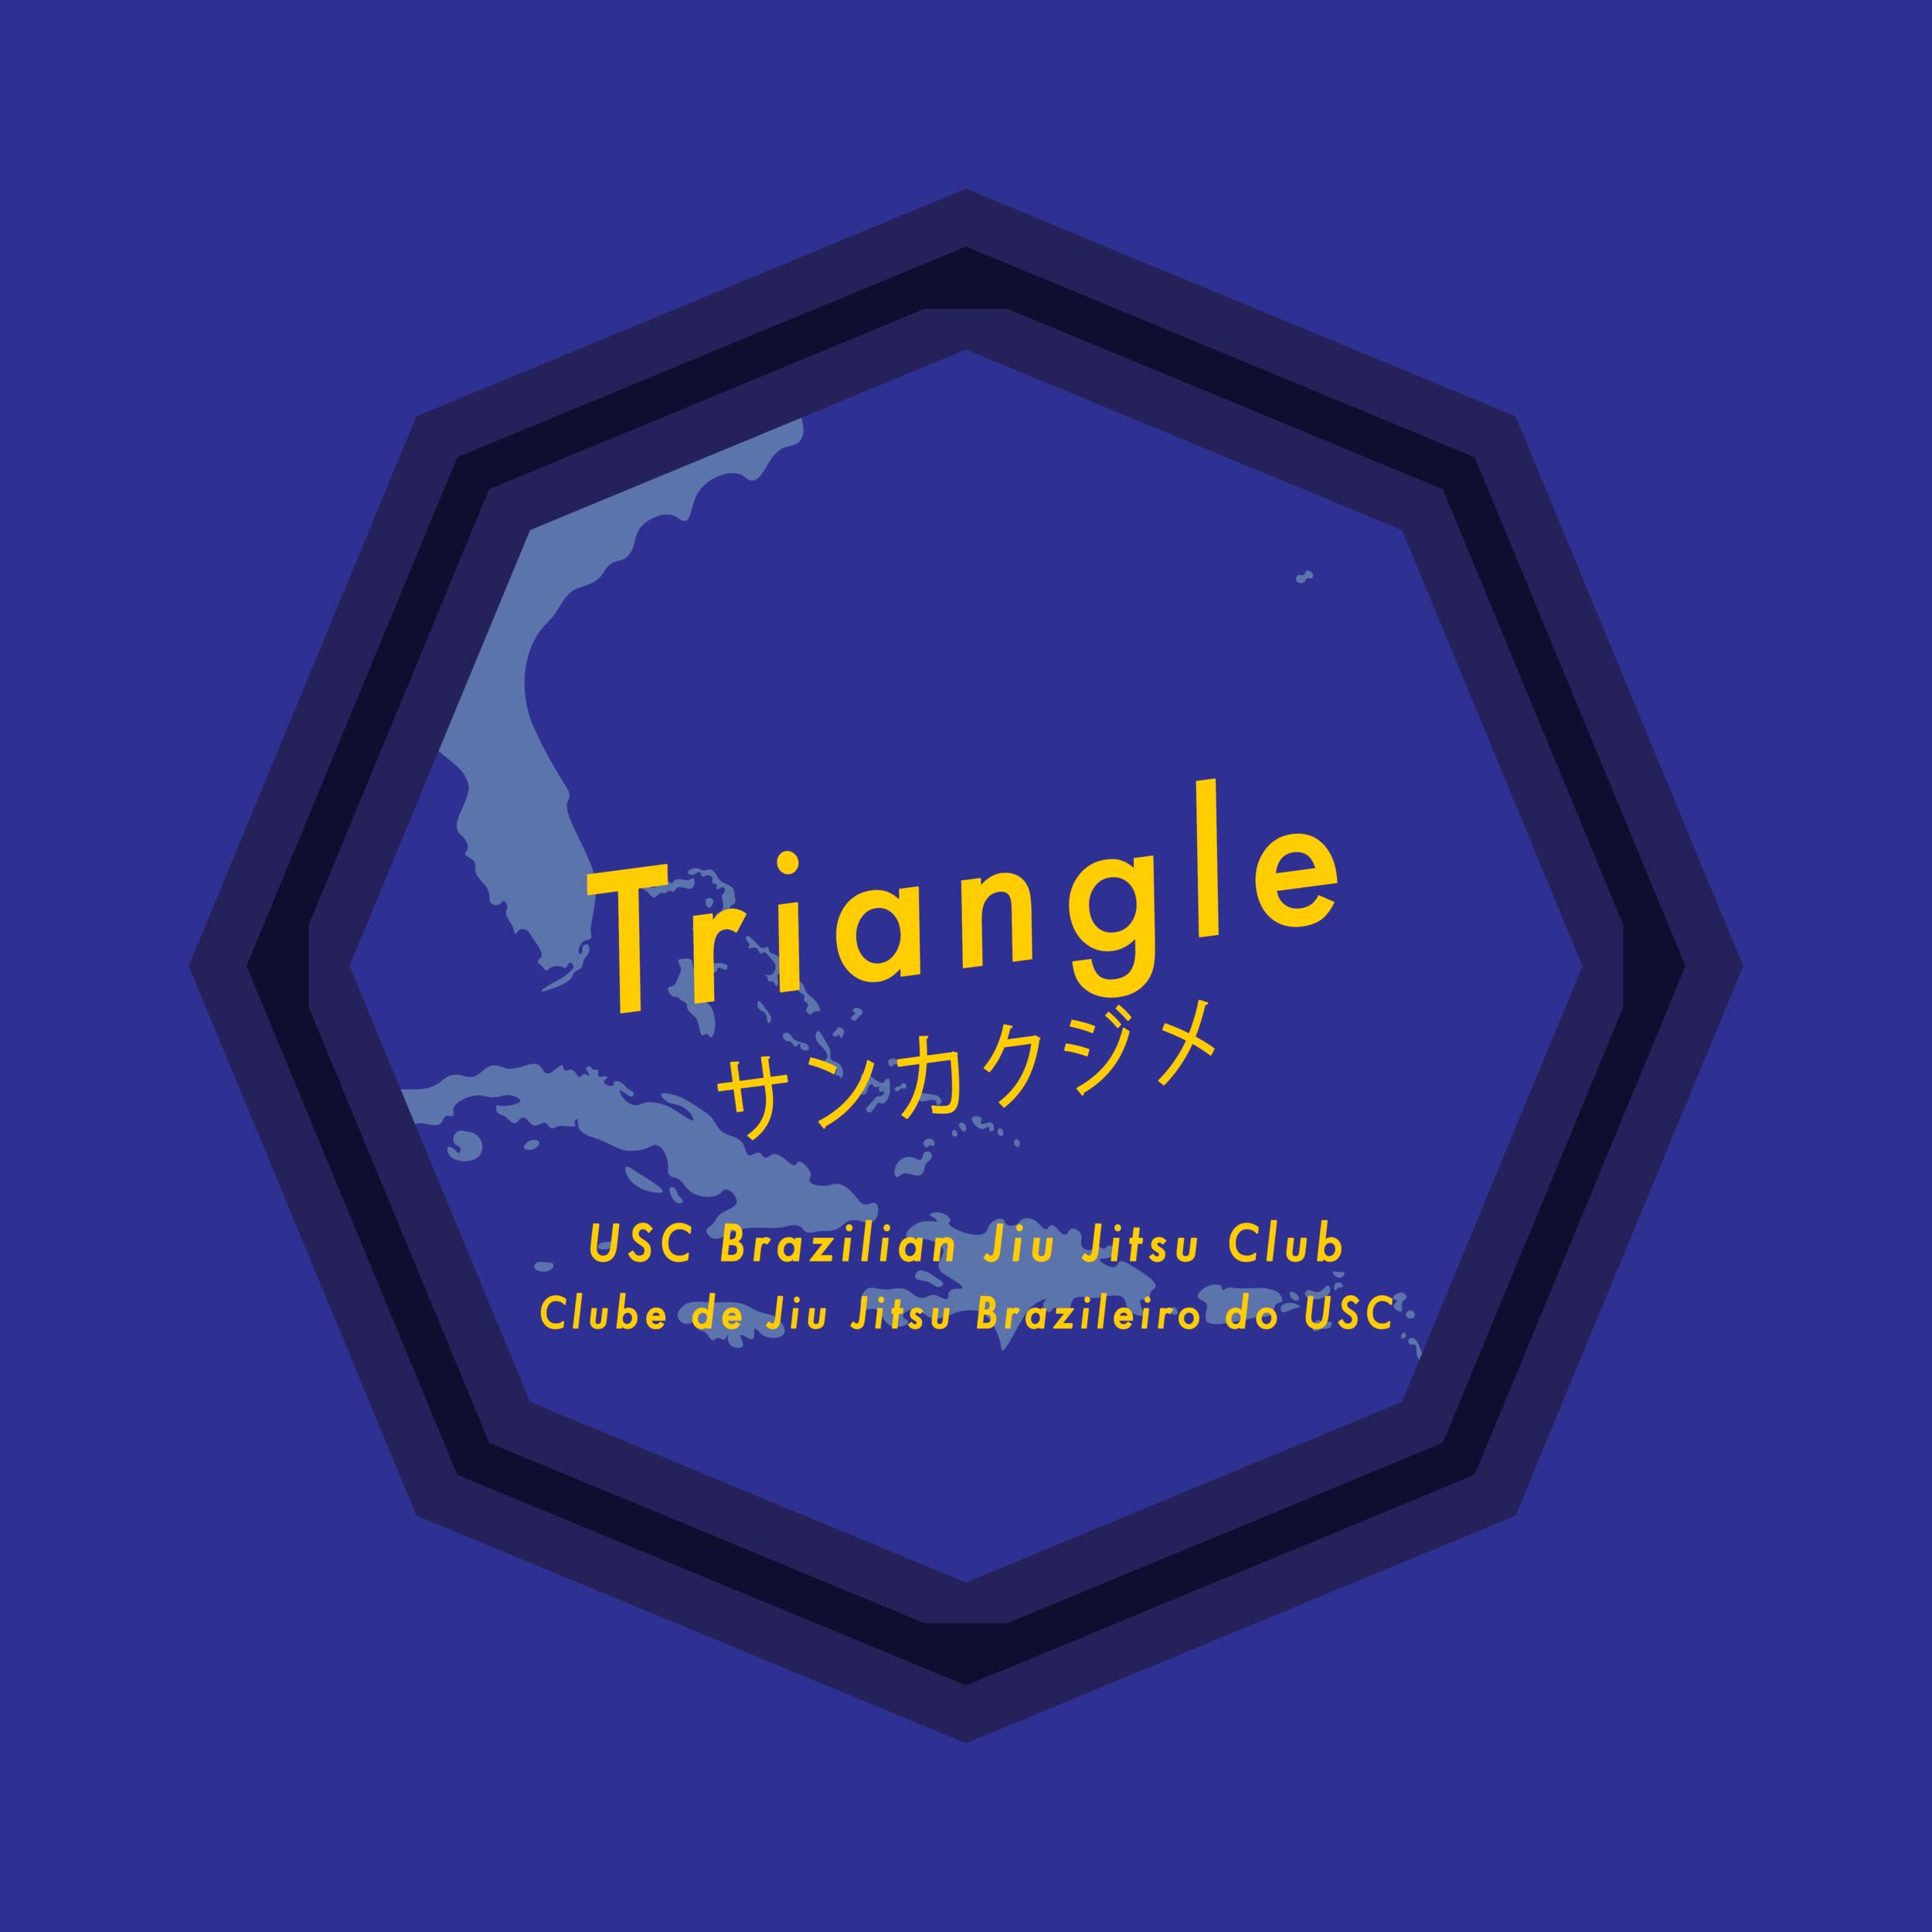 triangle   shirtback for usc brazilian jiu jitsu